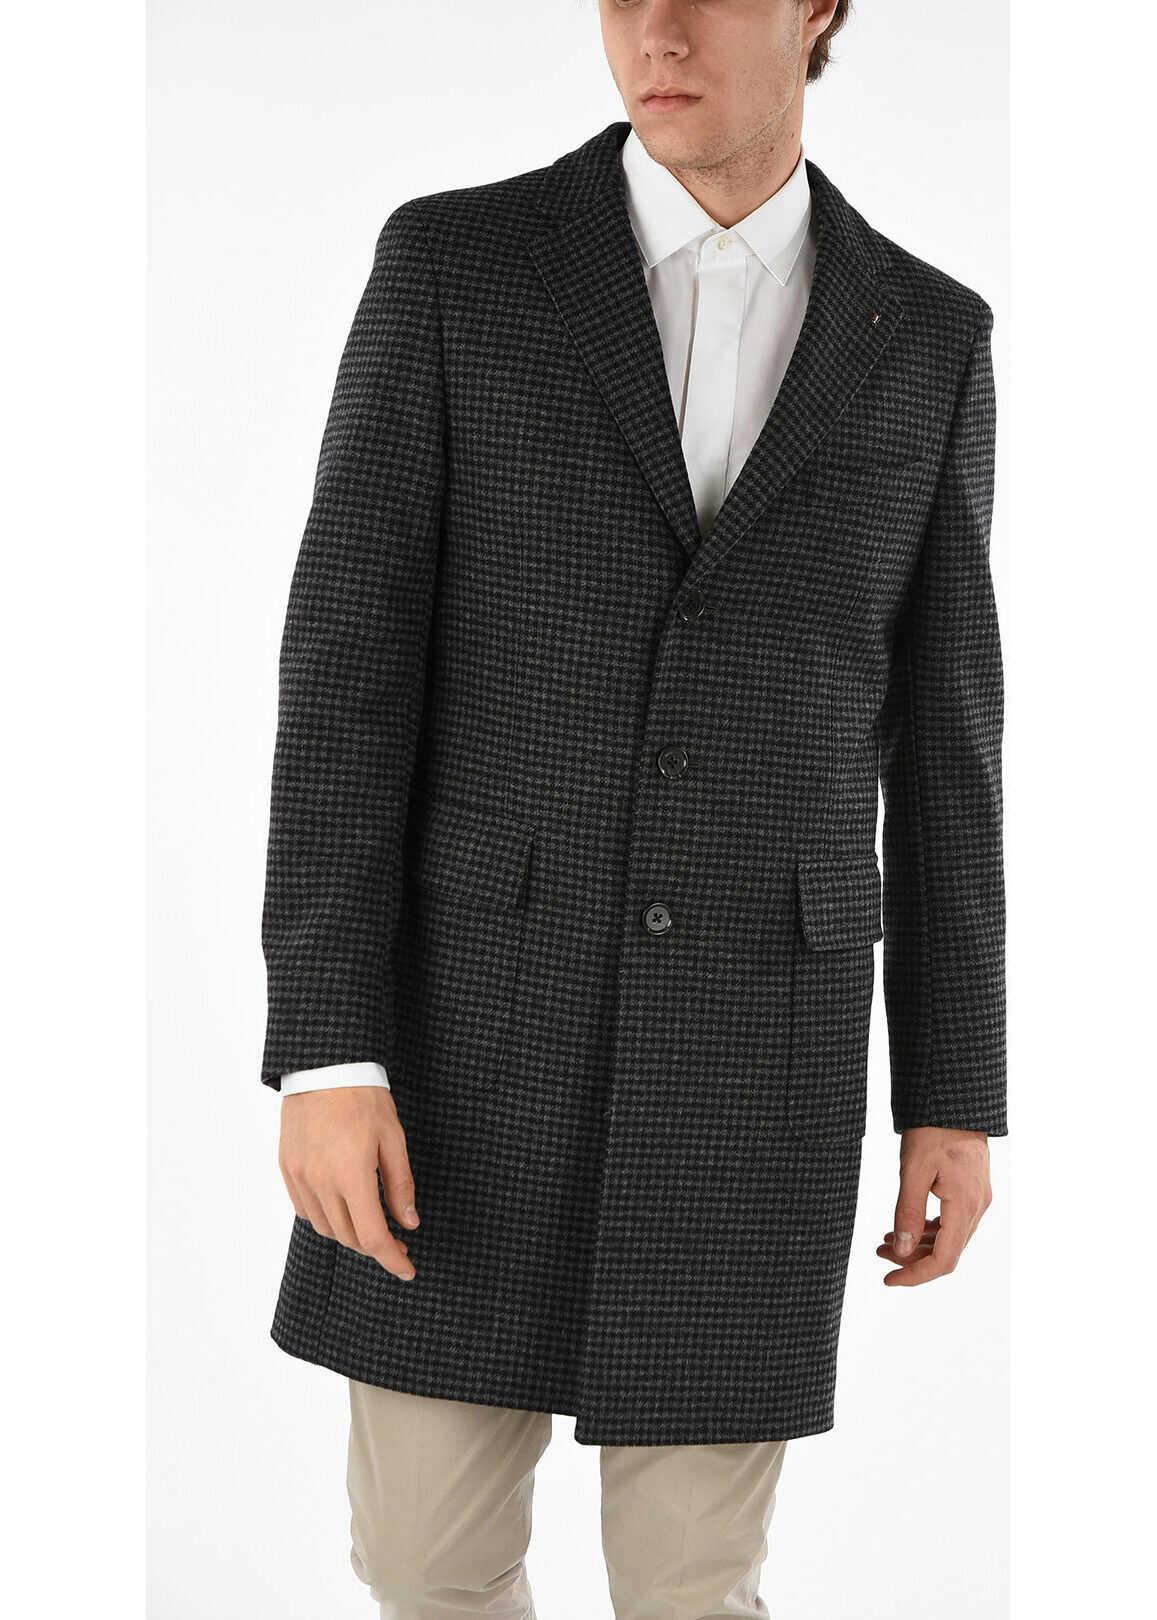 CORNELIANI CC COLLECTION 3 Button Pied De Poule Chesterfield Coat GRAY